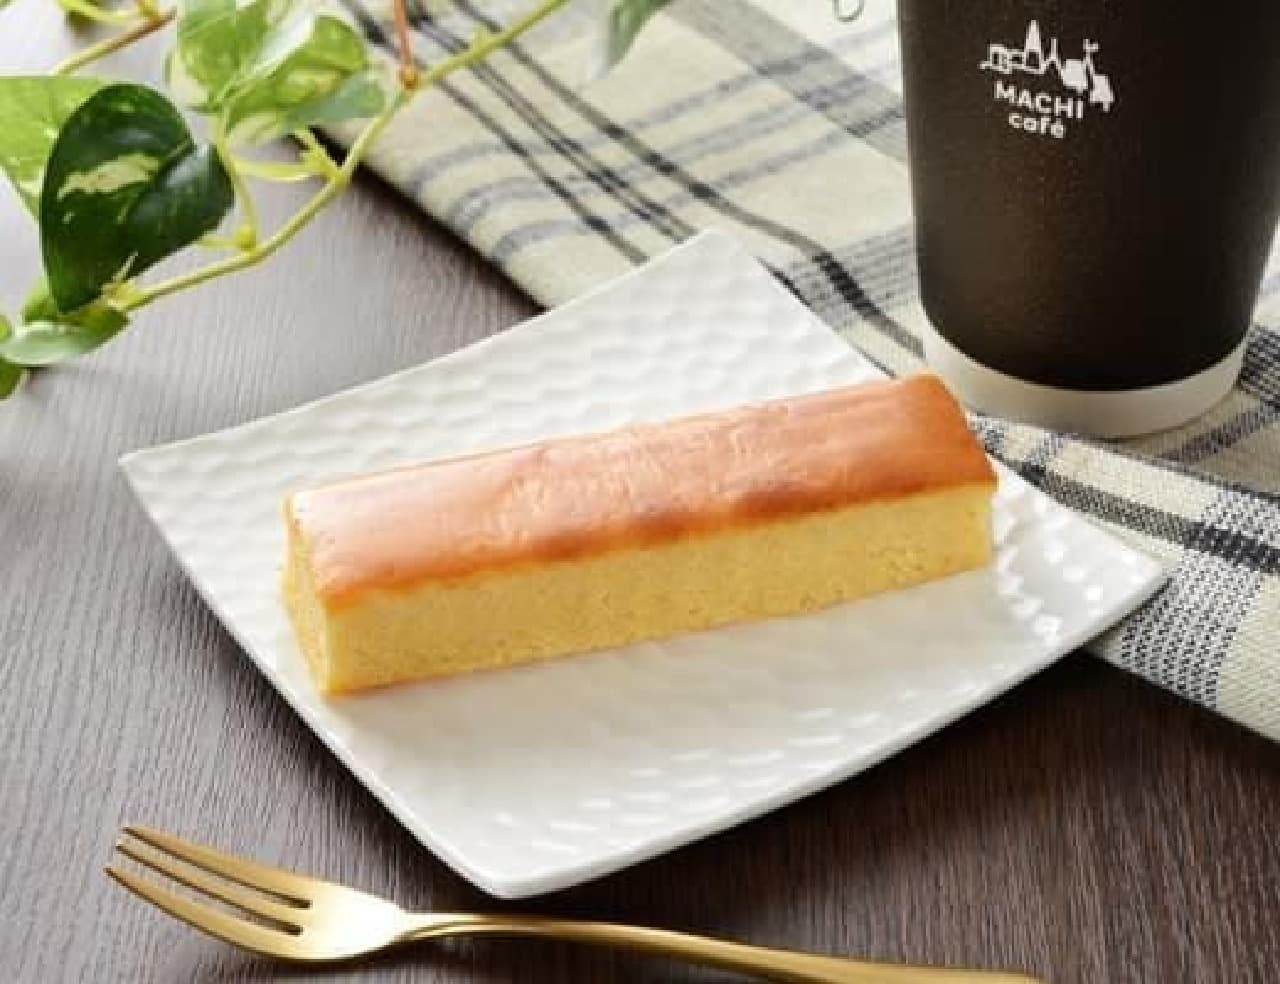 ローソン「ブランのチーズケーキ」